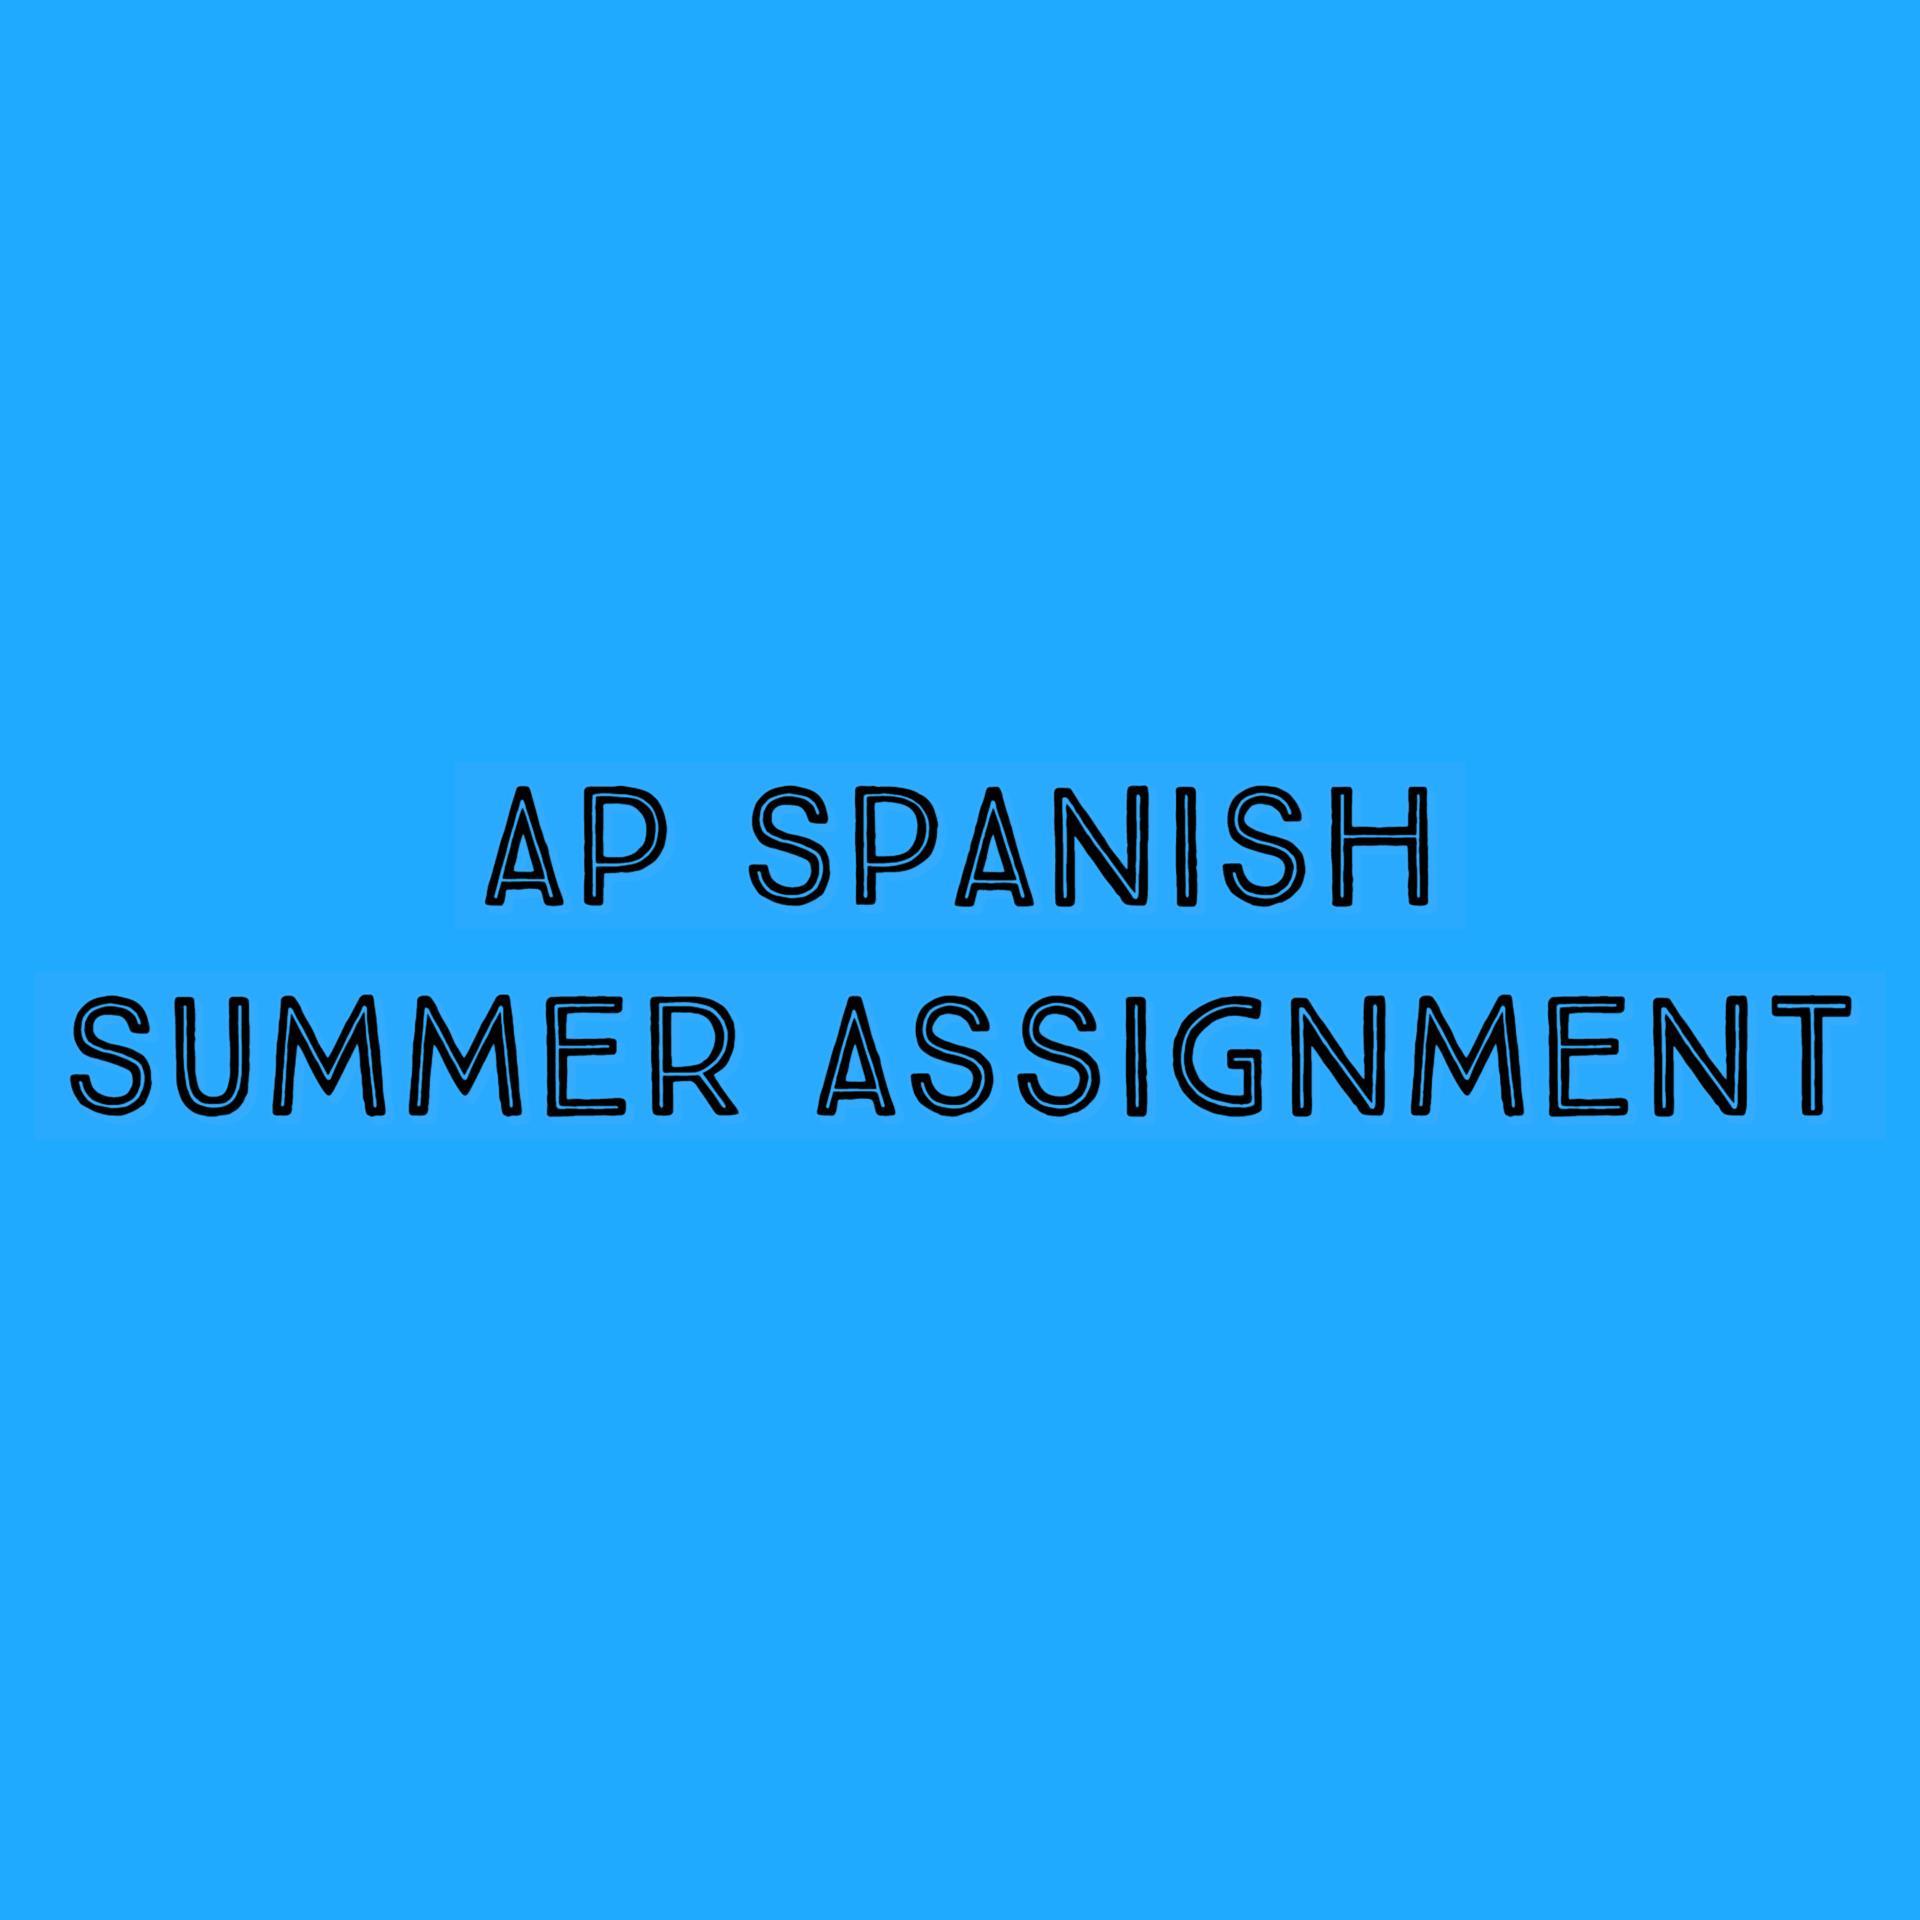 AP SPANISH SUMMER